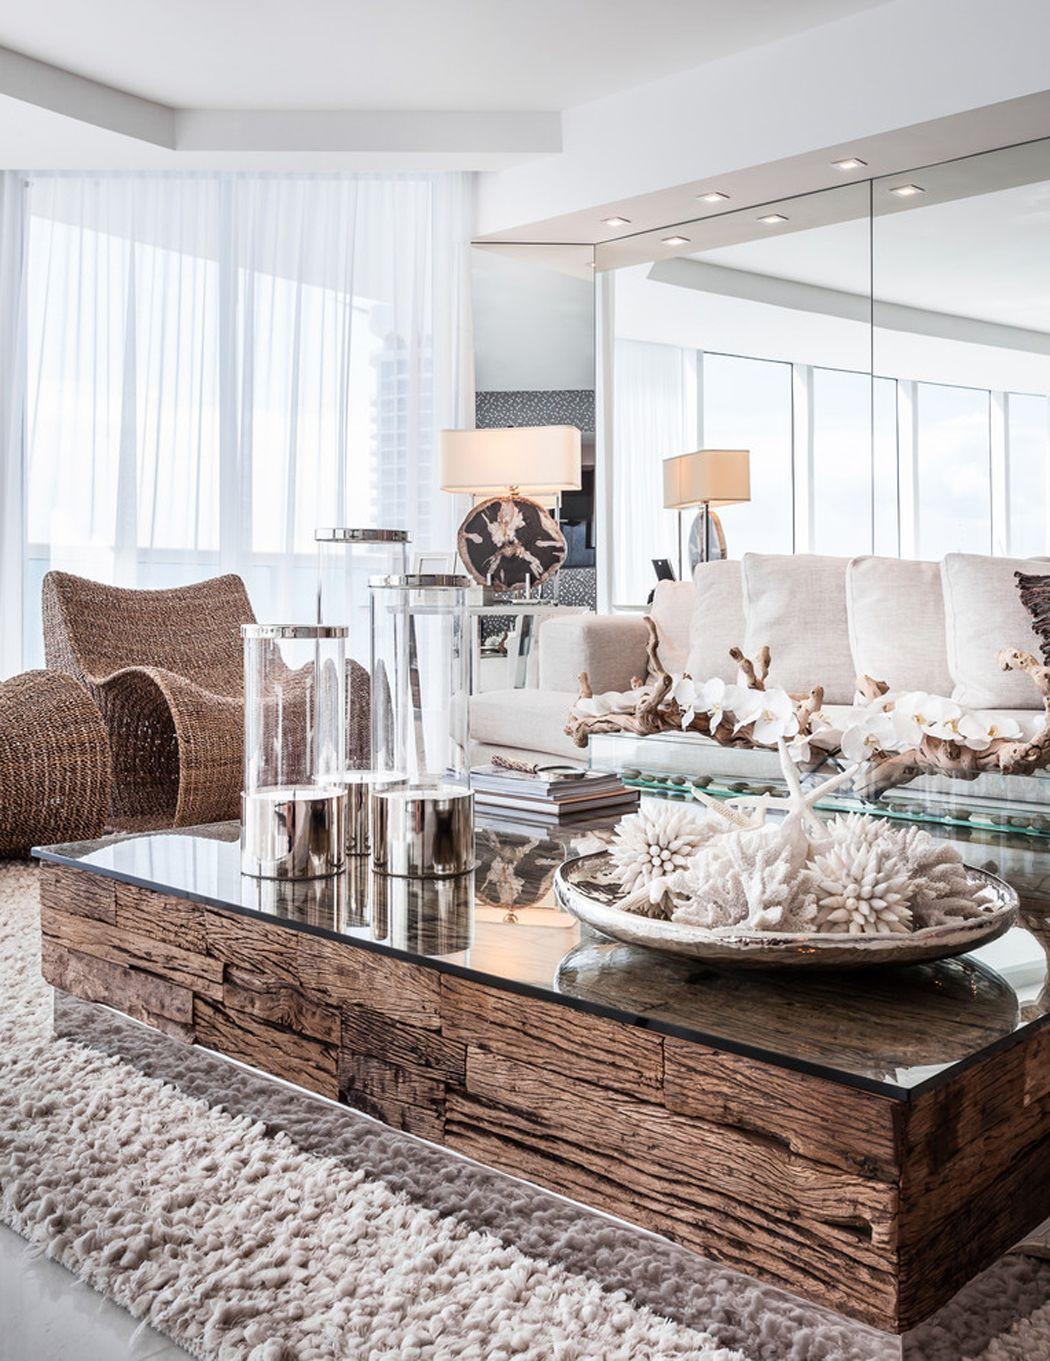 les 25 meilleures id es de la cat gorie miroir salon sur. Black Bedroom Furniture Sets. Home Design Ideas